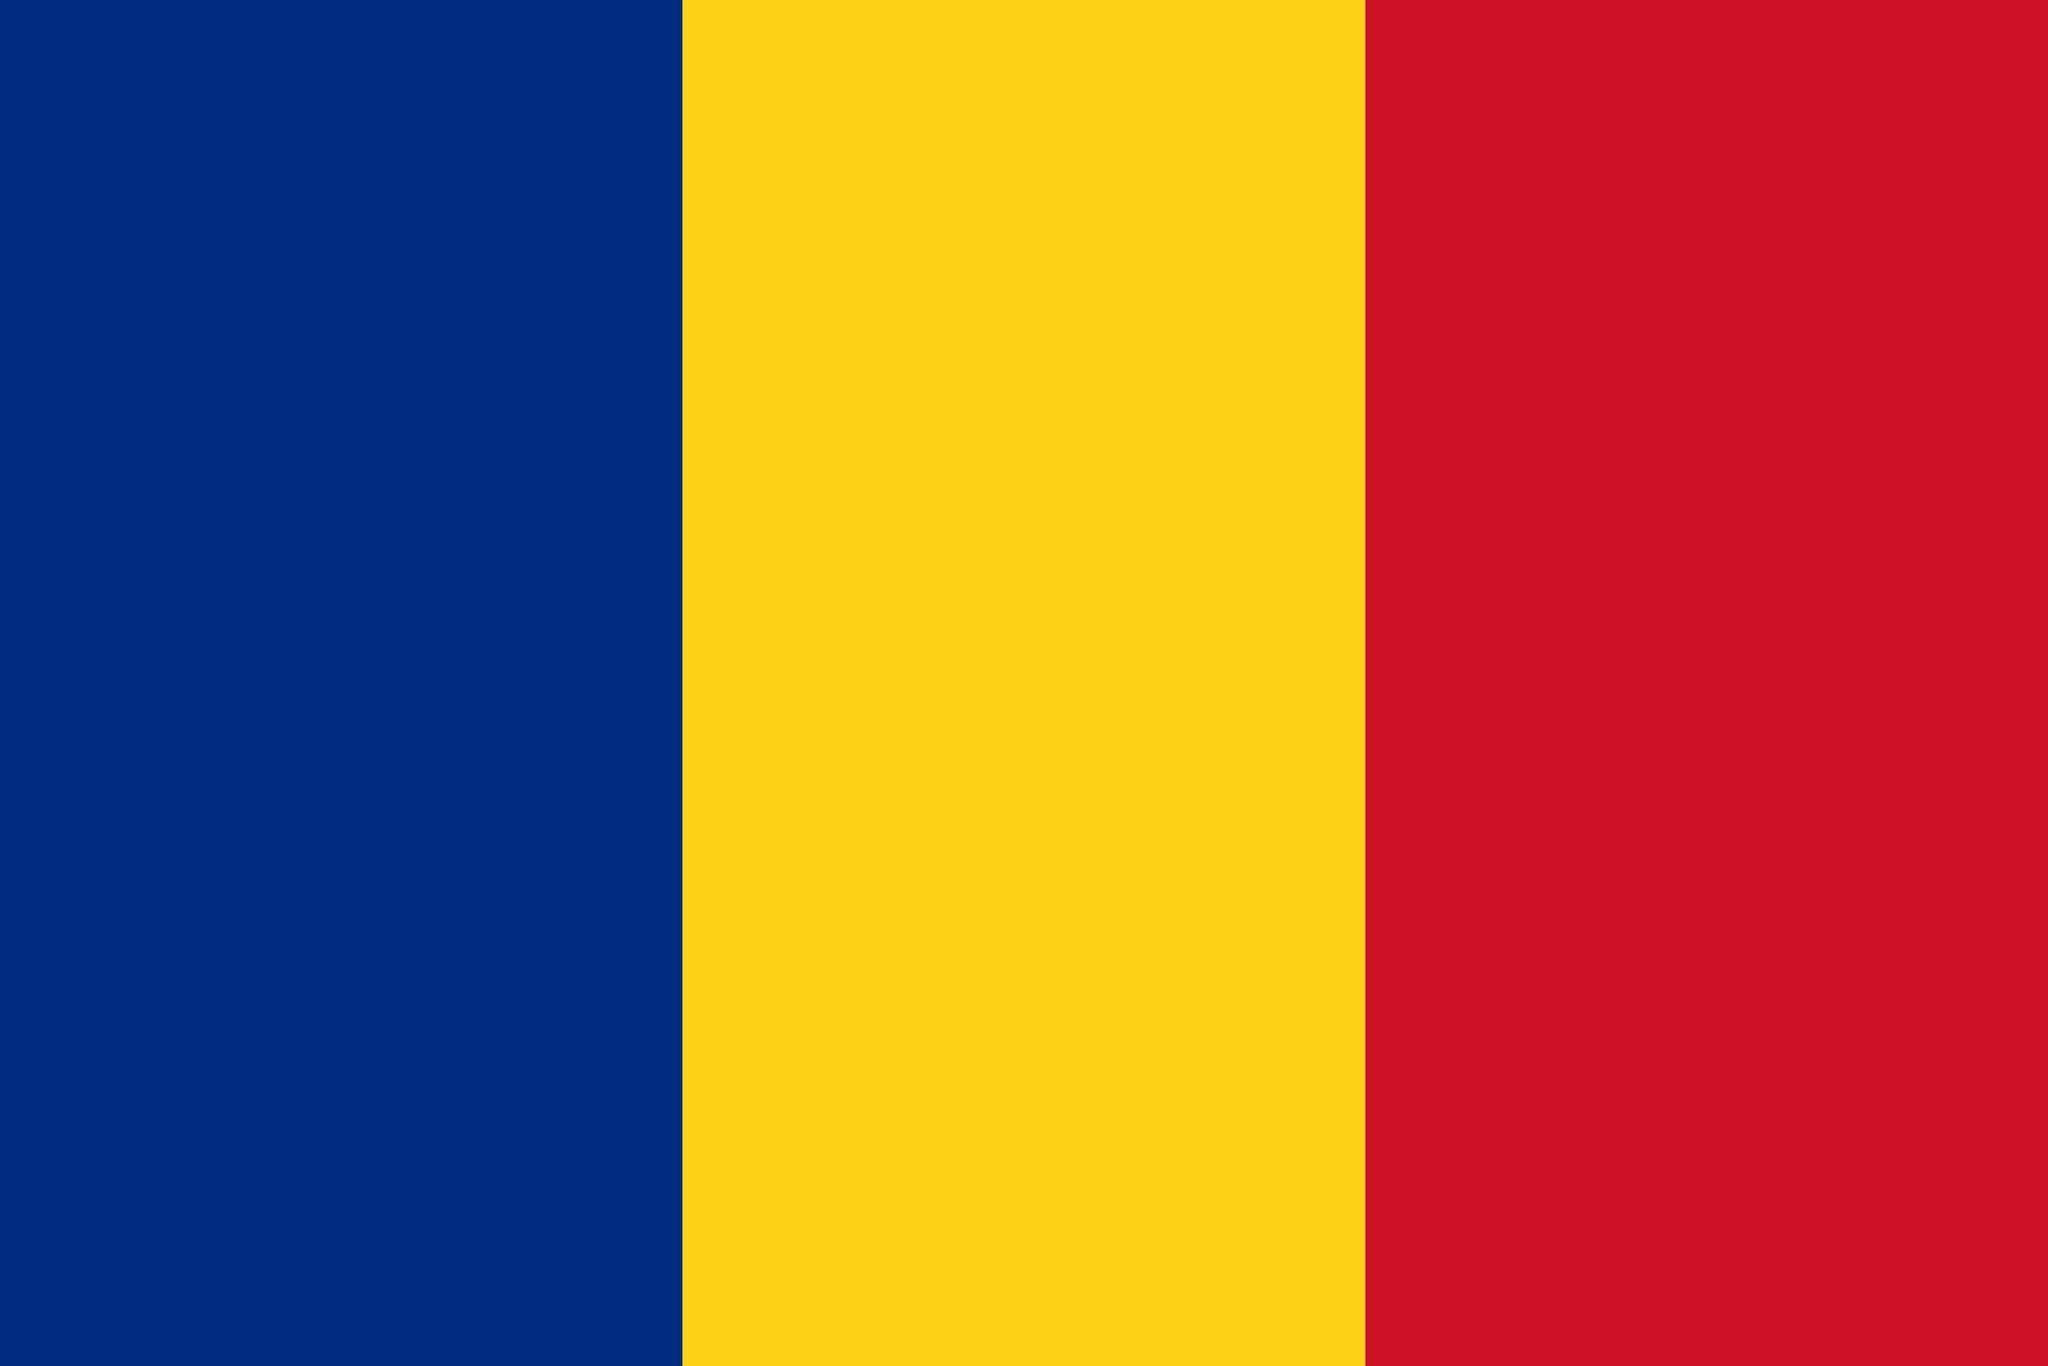 Drapeau Roumanie.jpg